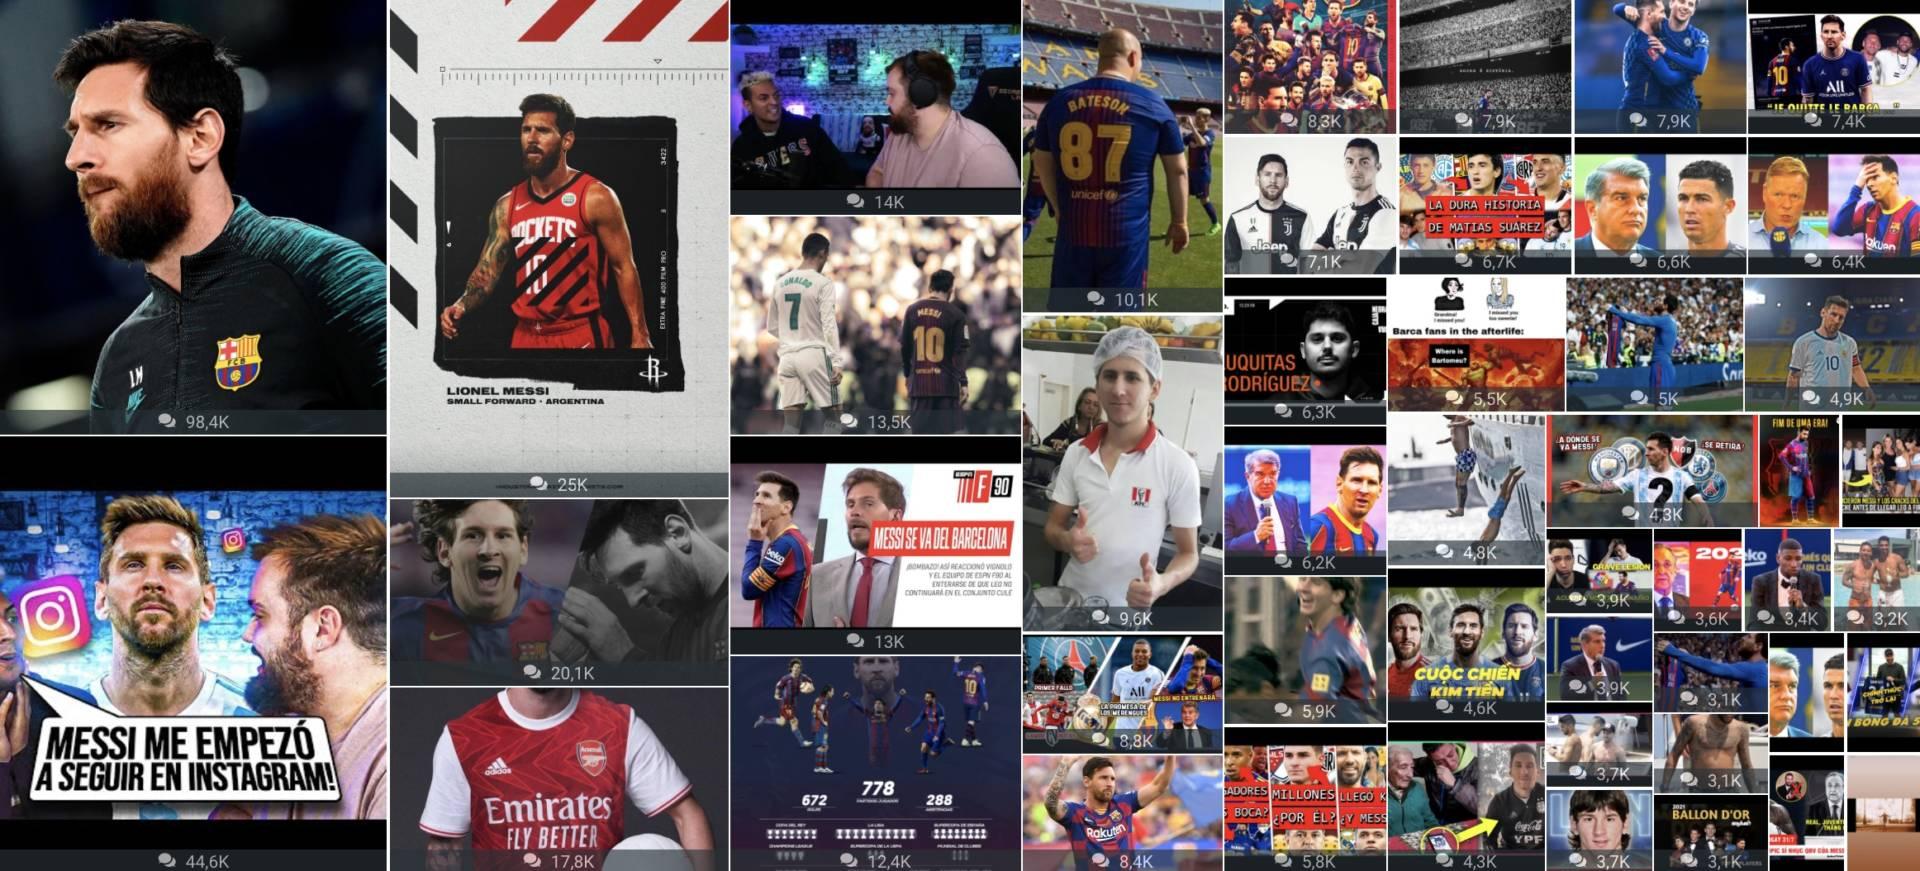 Messi lascia il Barcellona, i dati social